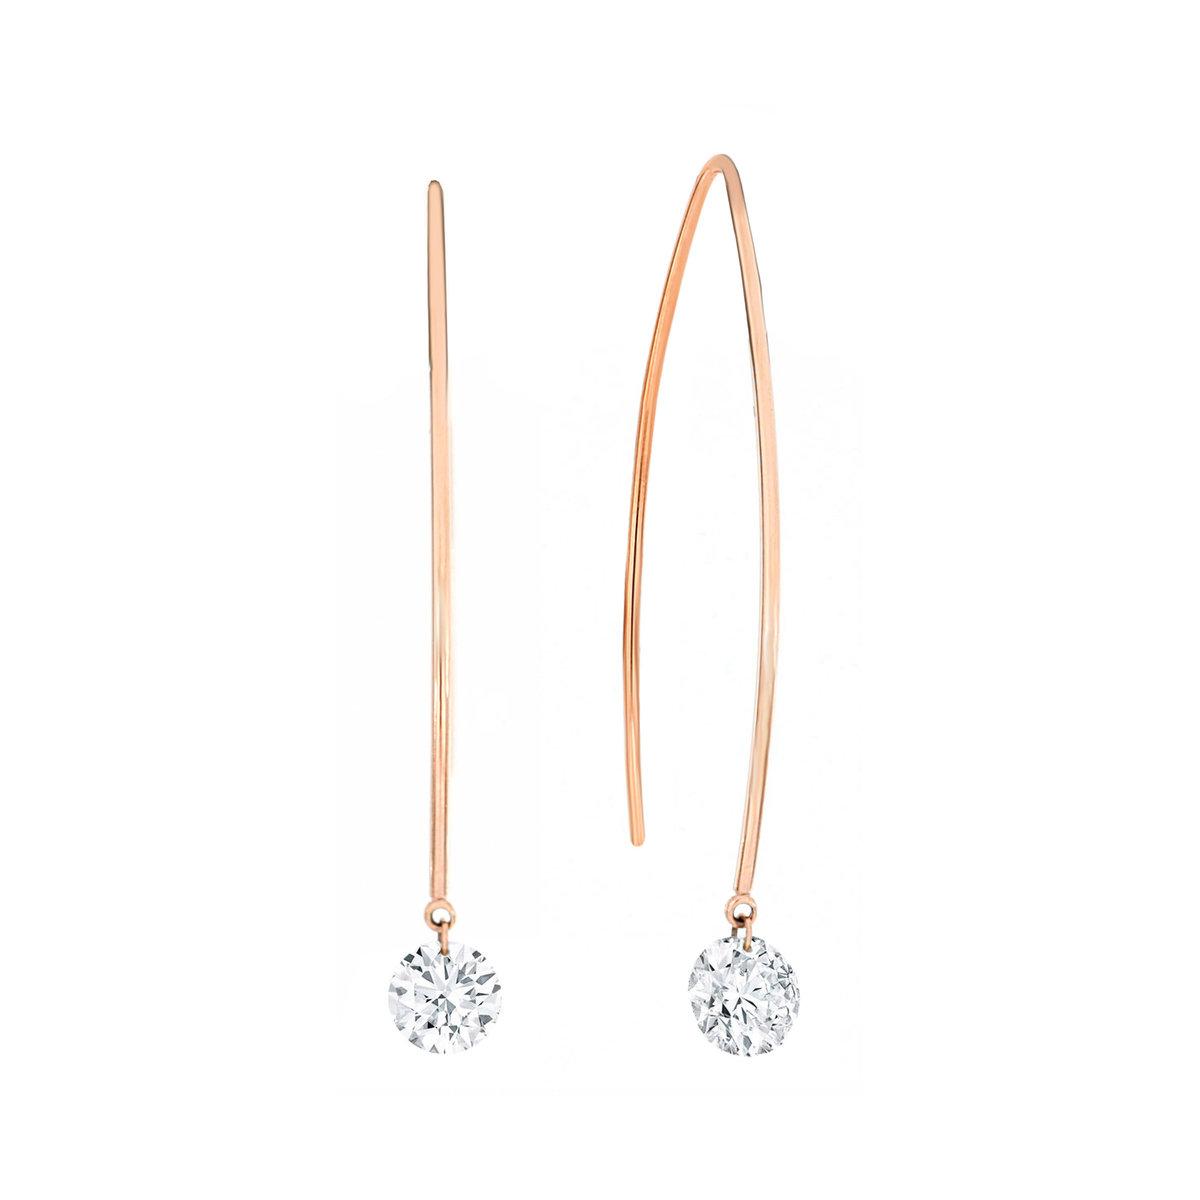 Charlotte Diamond Earring